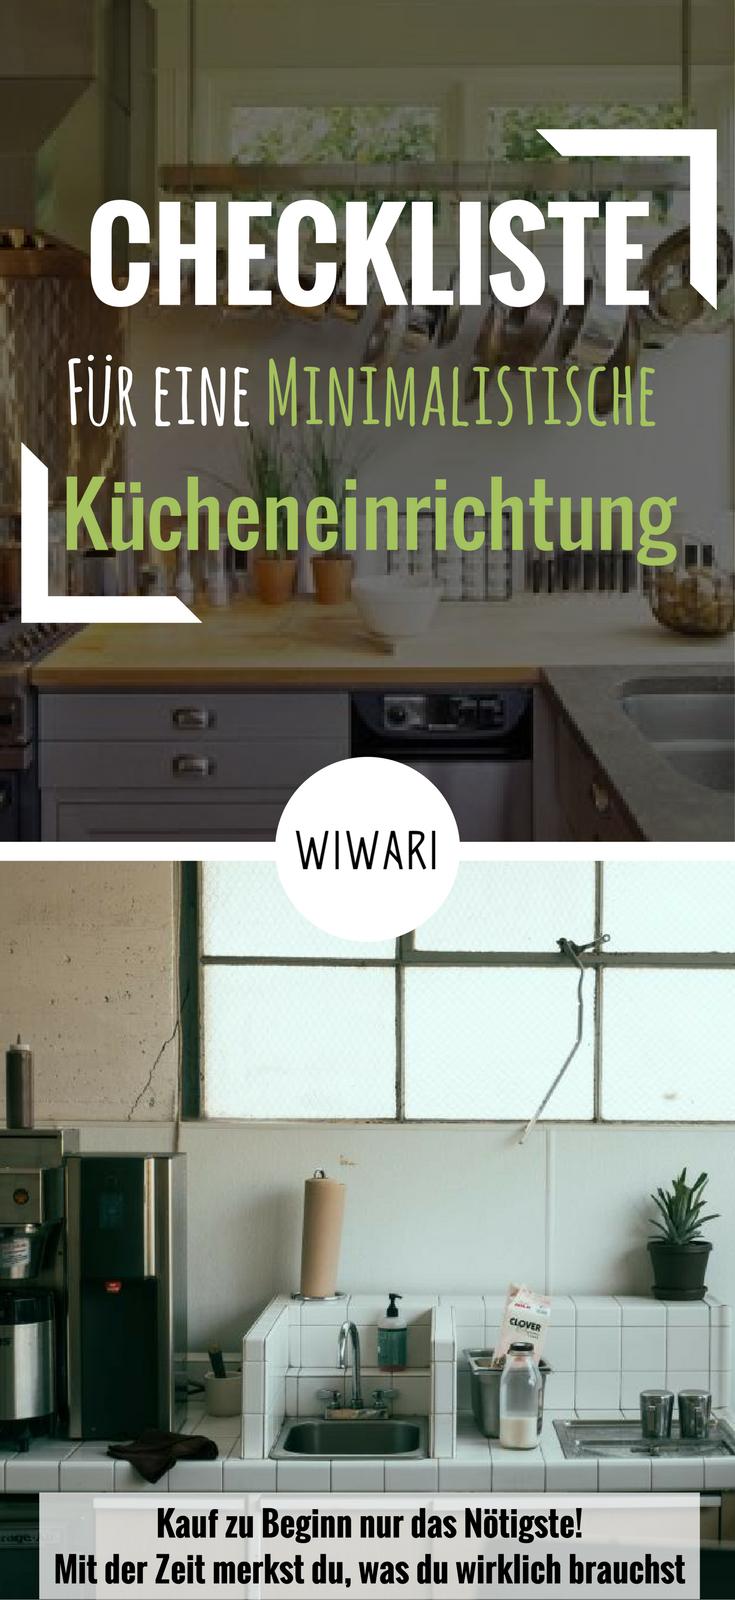 Gut Checkliste Für Eine Minimalistische Kücheneinrichtung | Minimal Leben |  Minimalismus Leben | Küche Einrichten | Küche